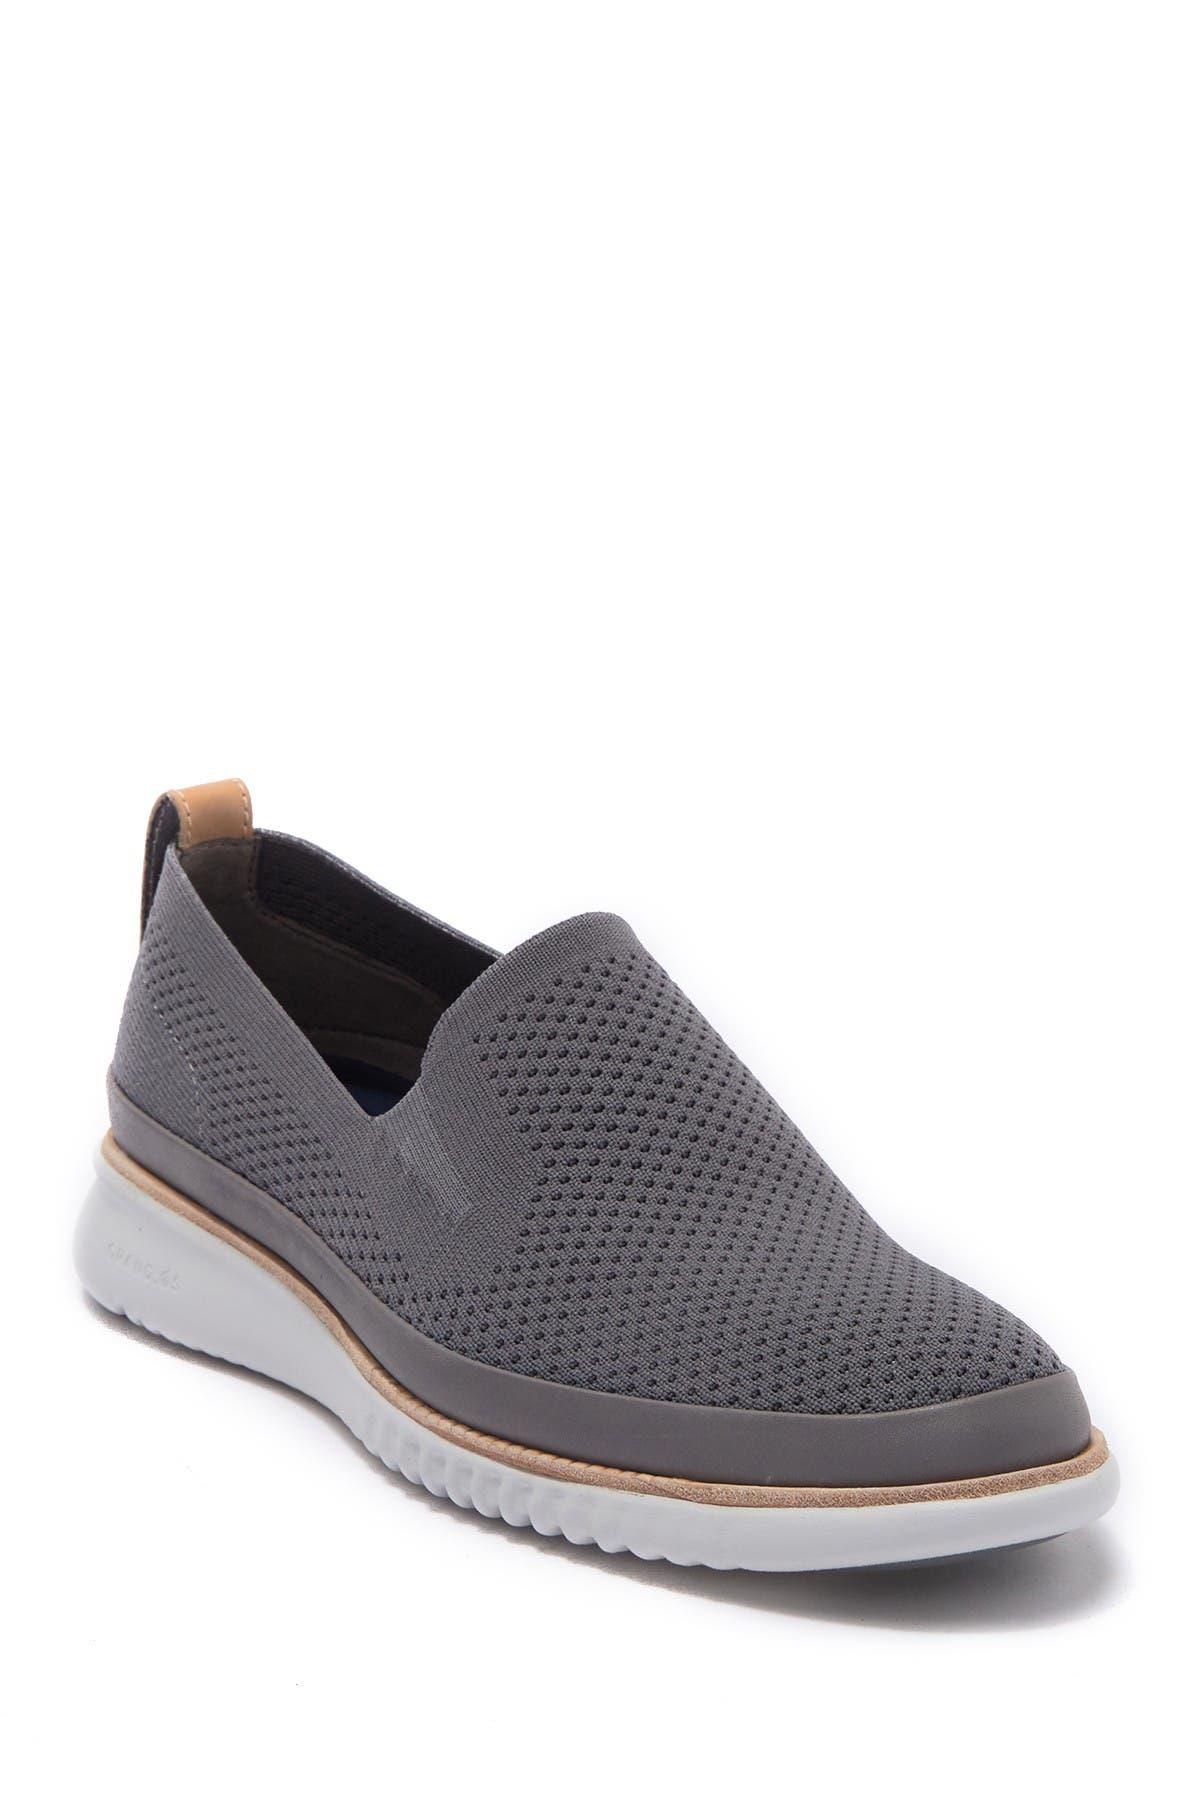 Cole Haan   Zerogrand Slip-On Sneaker